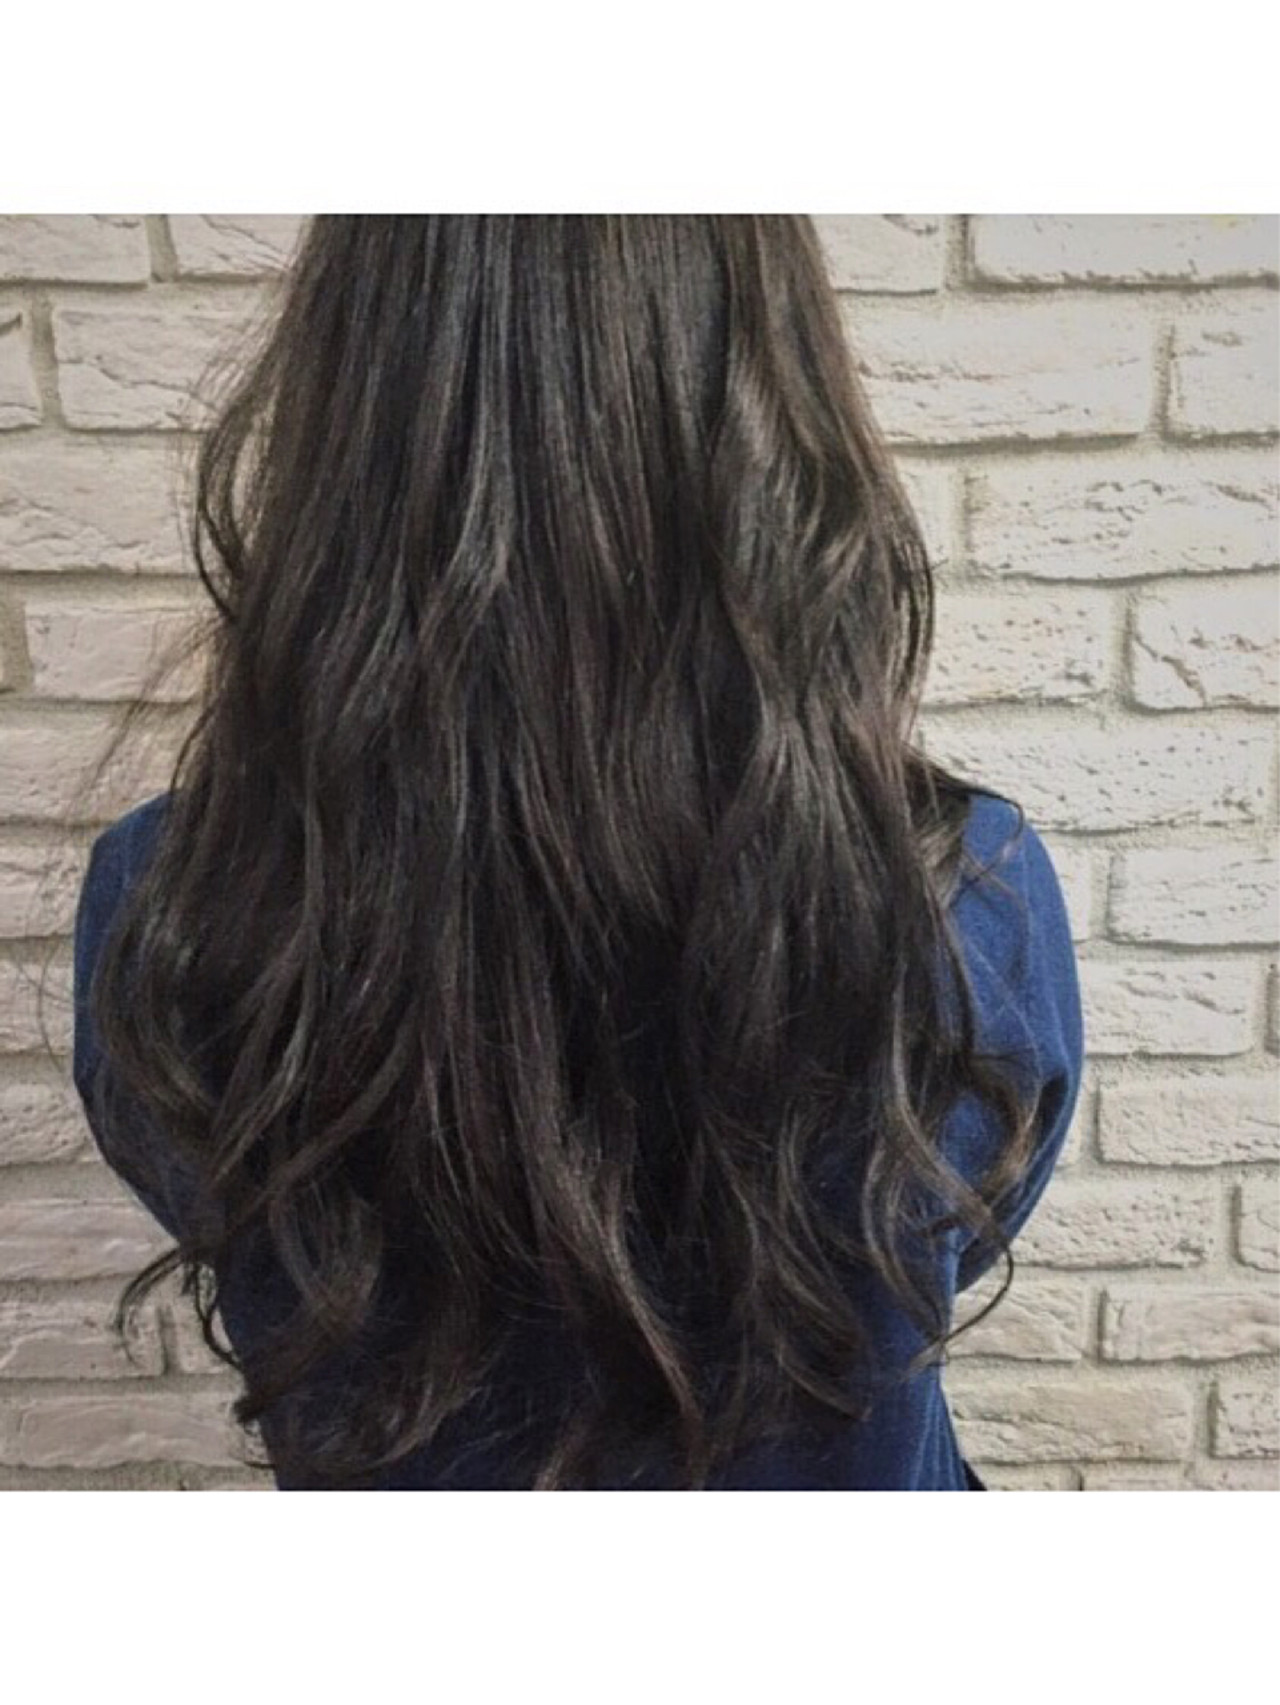 次の髪色はこれで決まり。話題のグレージュ総まとめ! 佐々木 ルイ